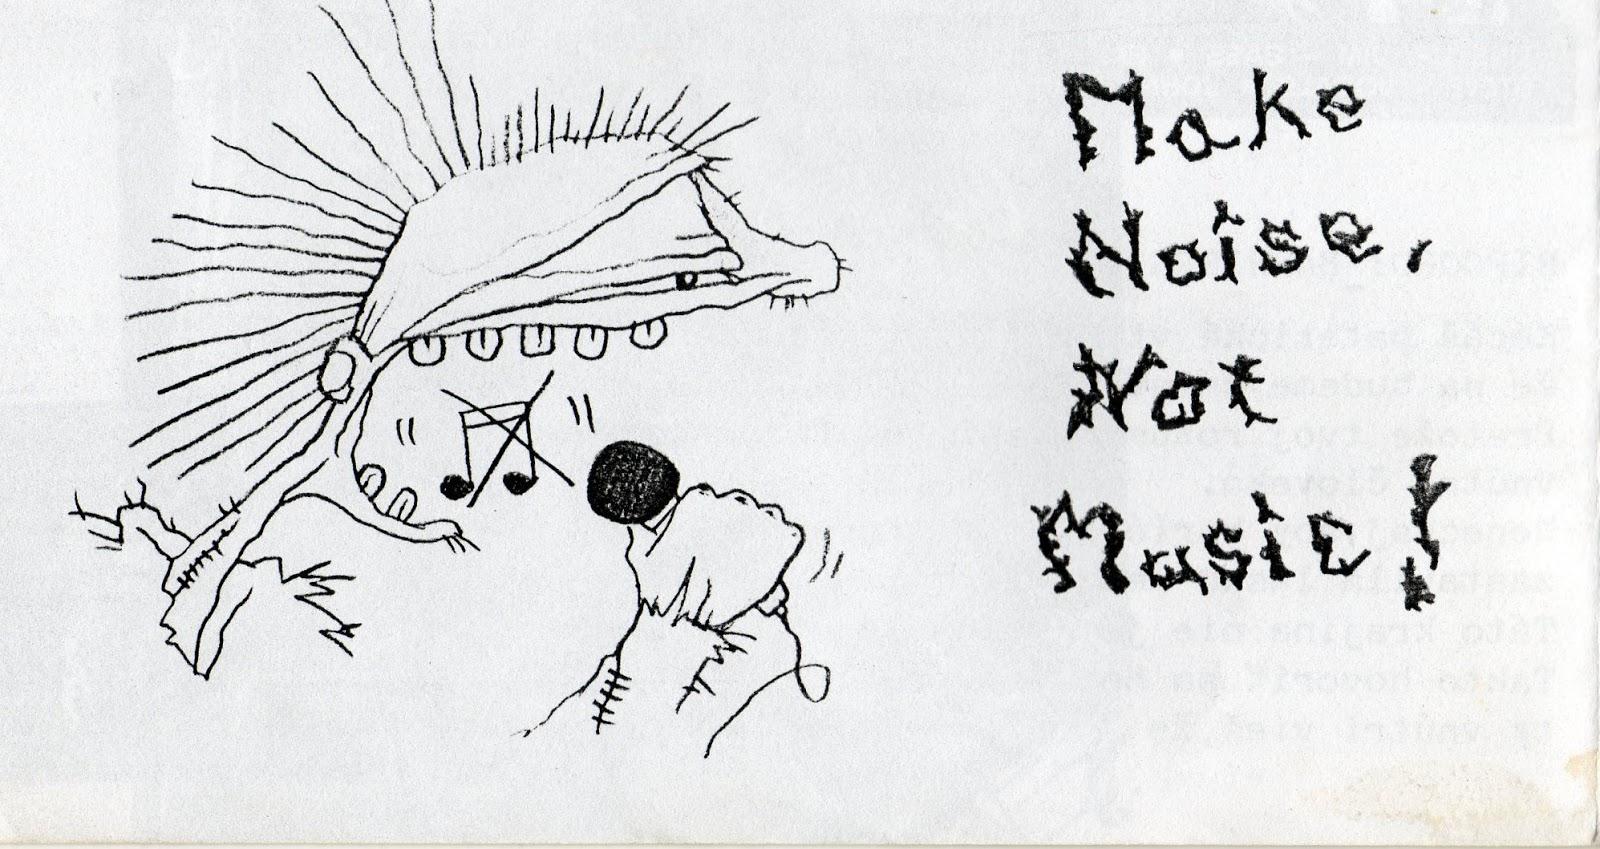 Chaos Non Musica… Piscia Korsakov e 101% Odio